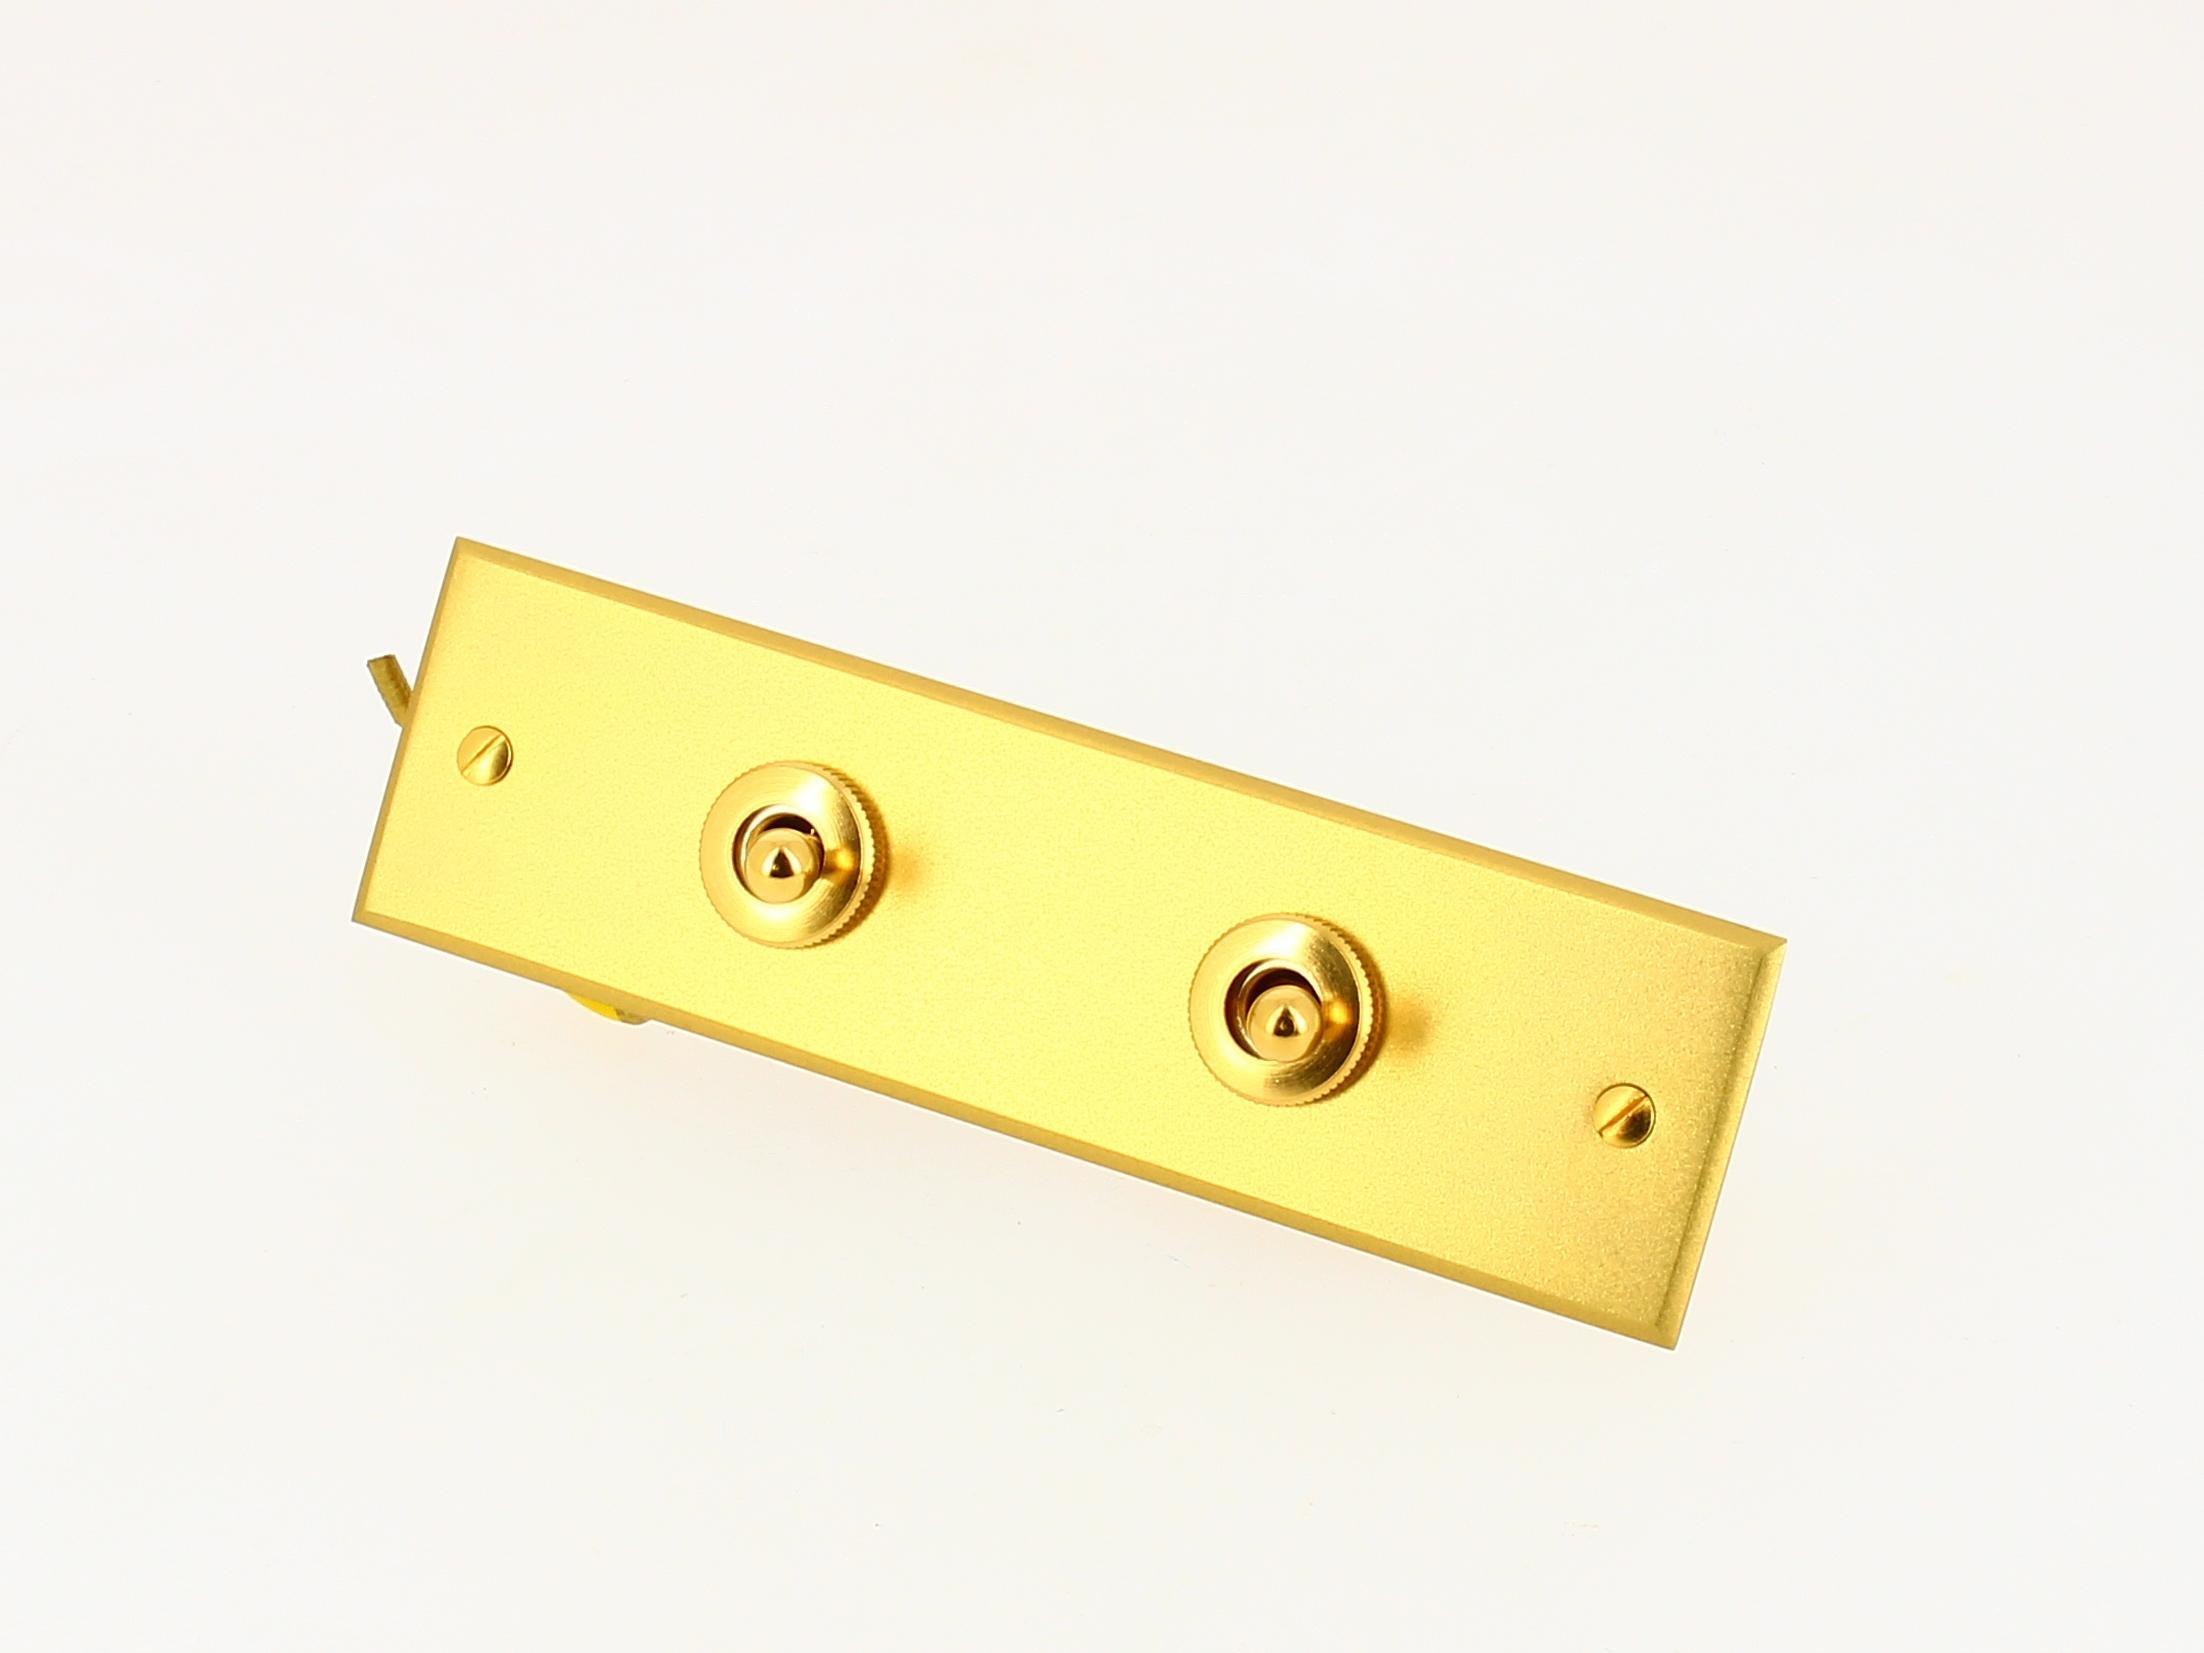 Interrupteur 2 boutons levier Or brossé Arnould Europa